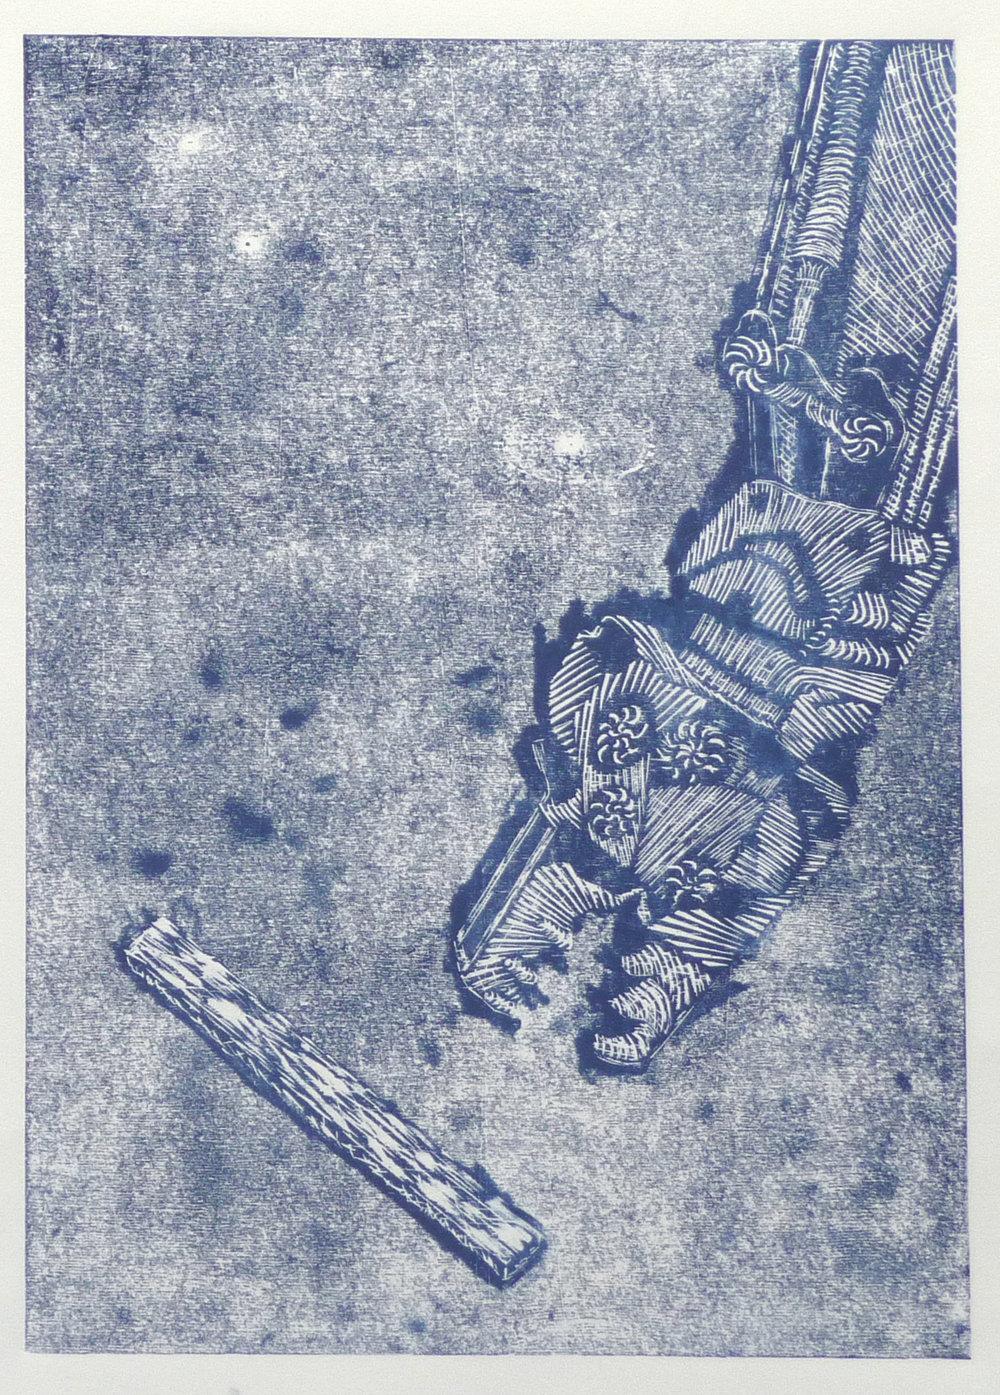 Lekker hapje, woodcut, 38,5 x 57 cm, 2018